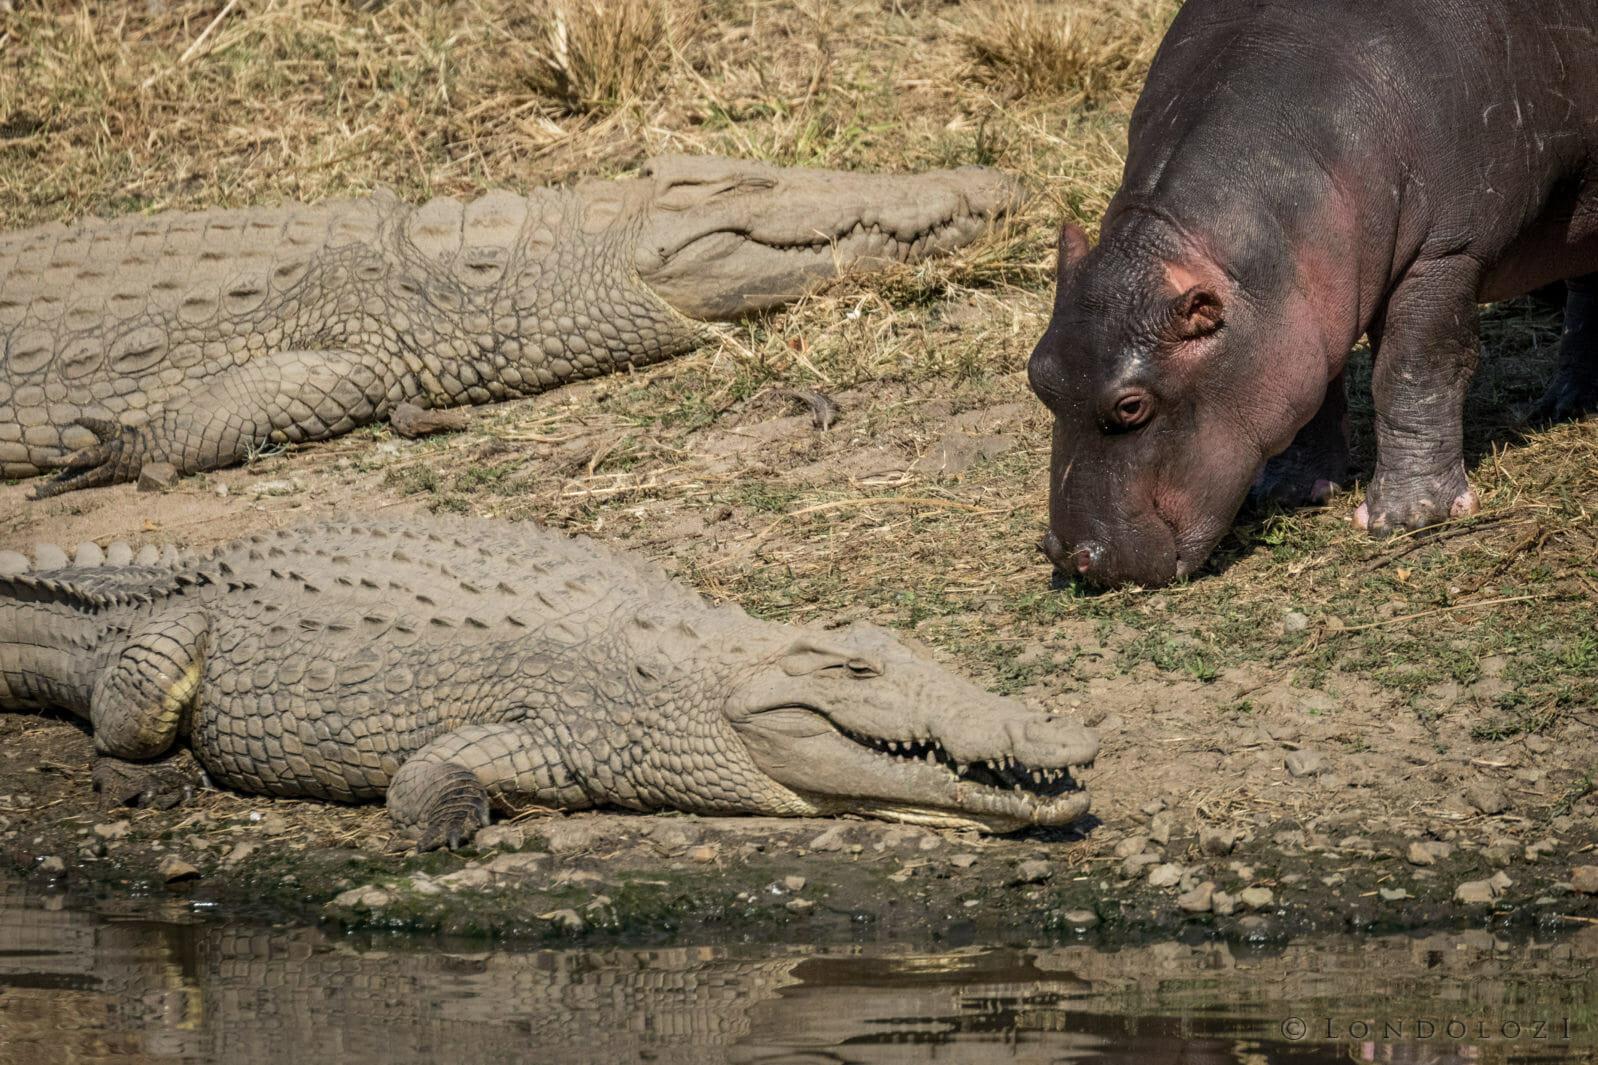 Do Hippos Eat Crocodiles?